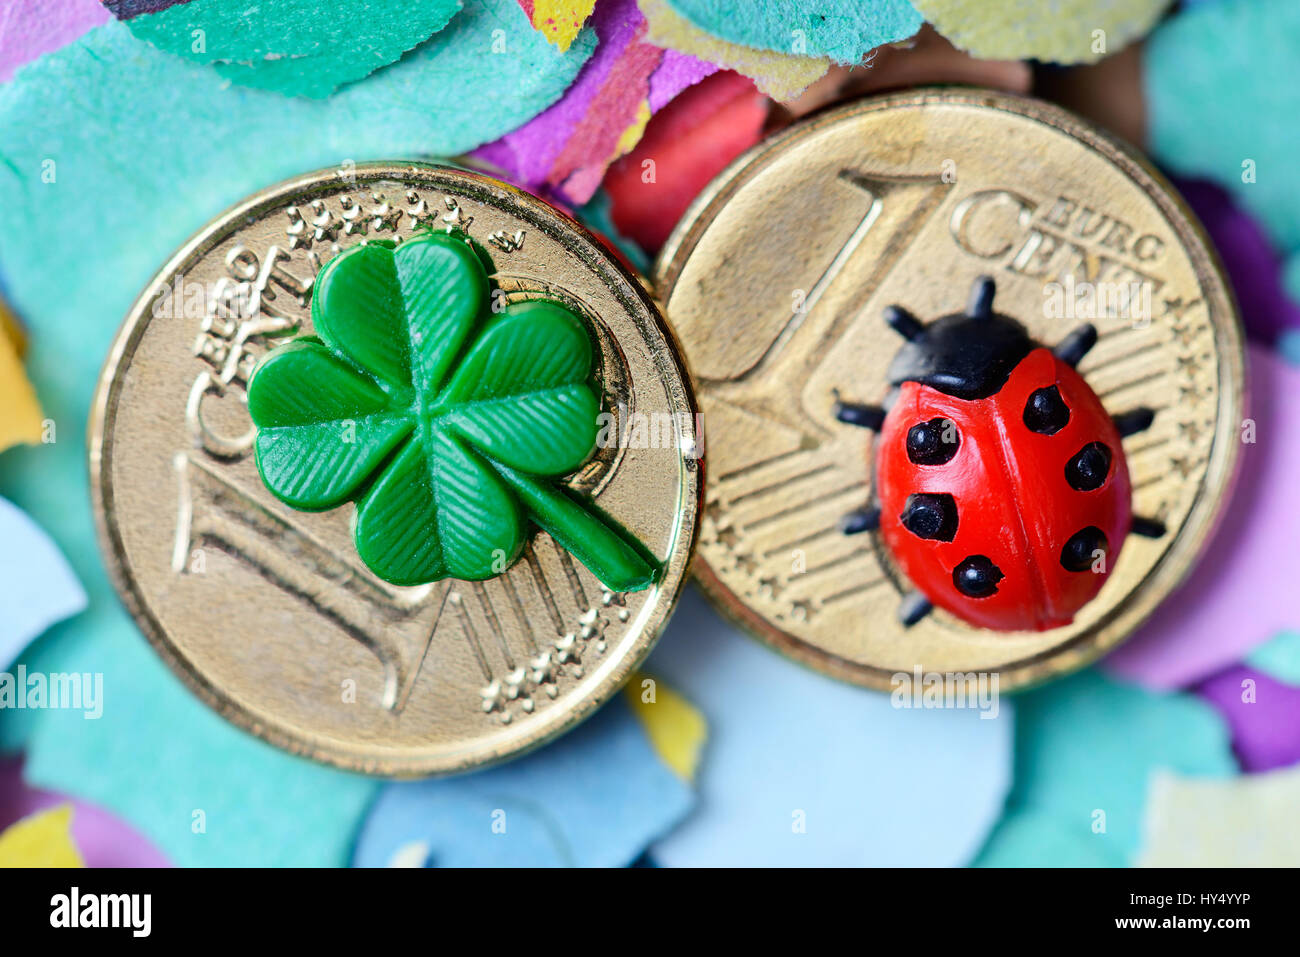 Luck bringer on one-cent coins, turn of the year, Gluecksbringer auf Ein-Cent-Muenzen, Jahreswechsel - Stock Image